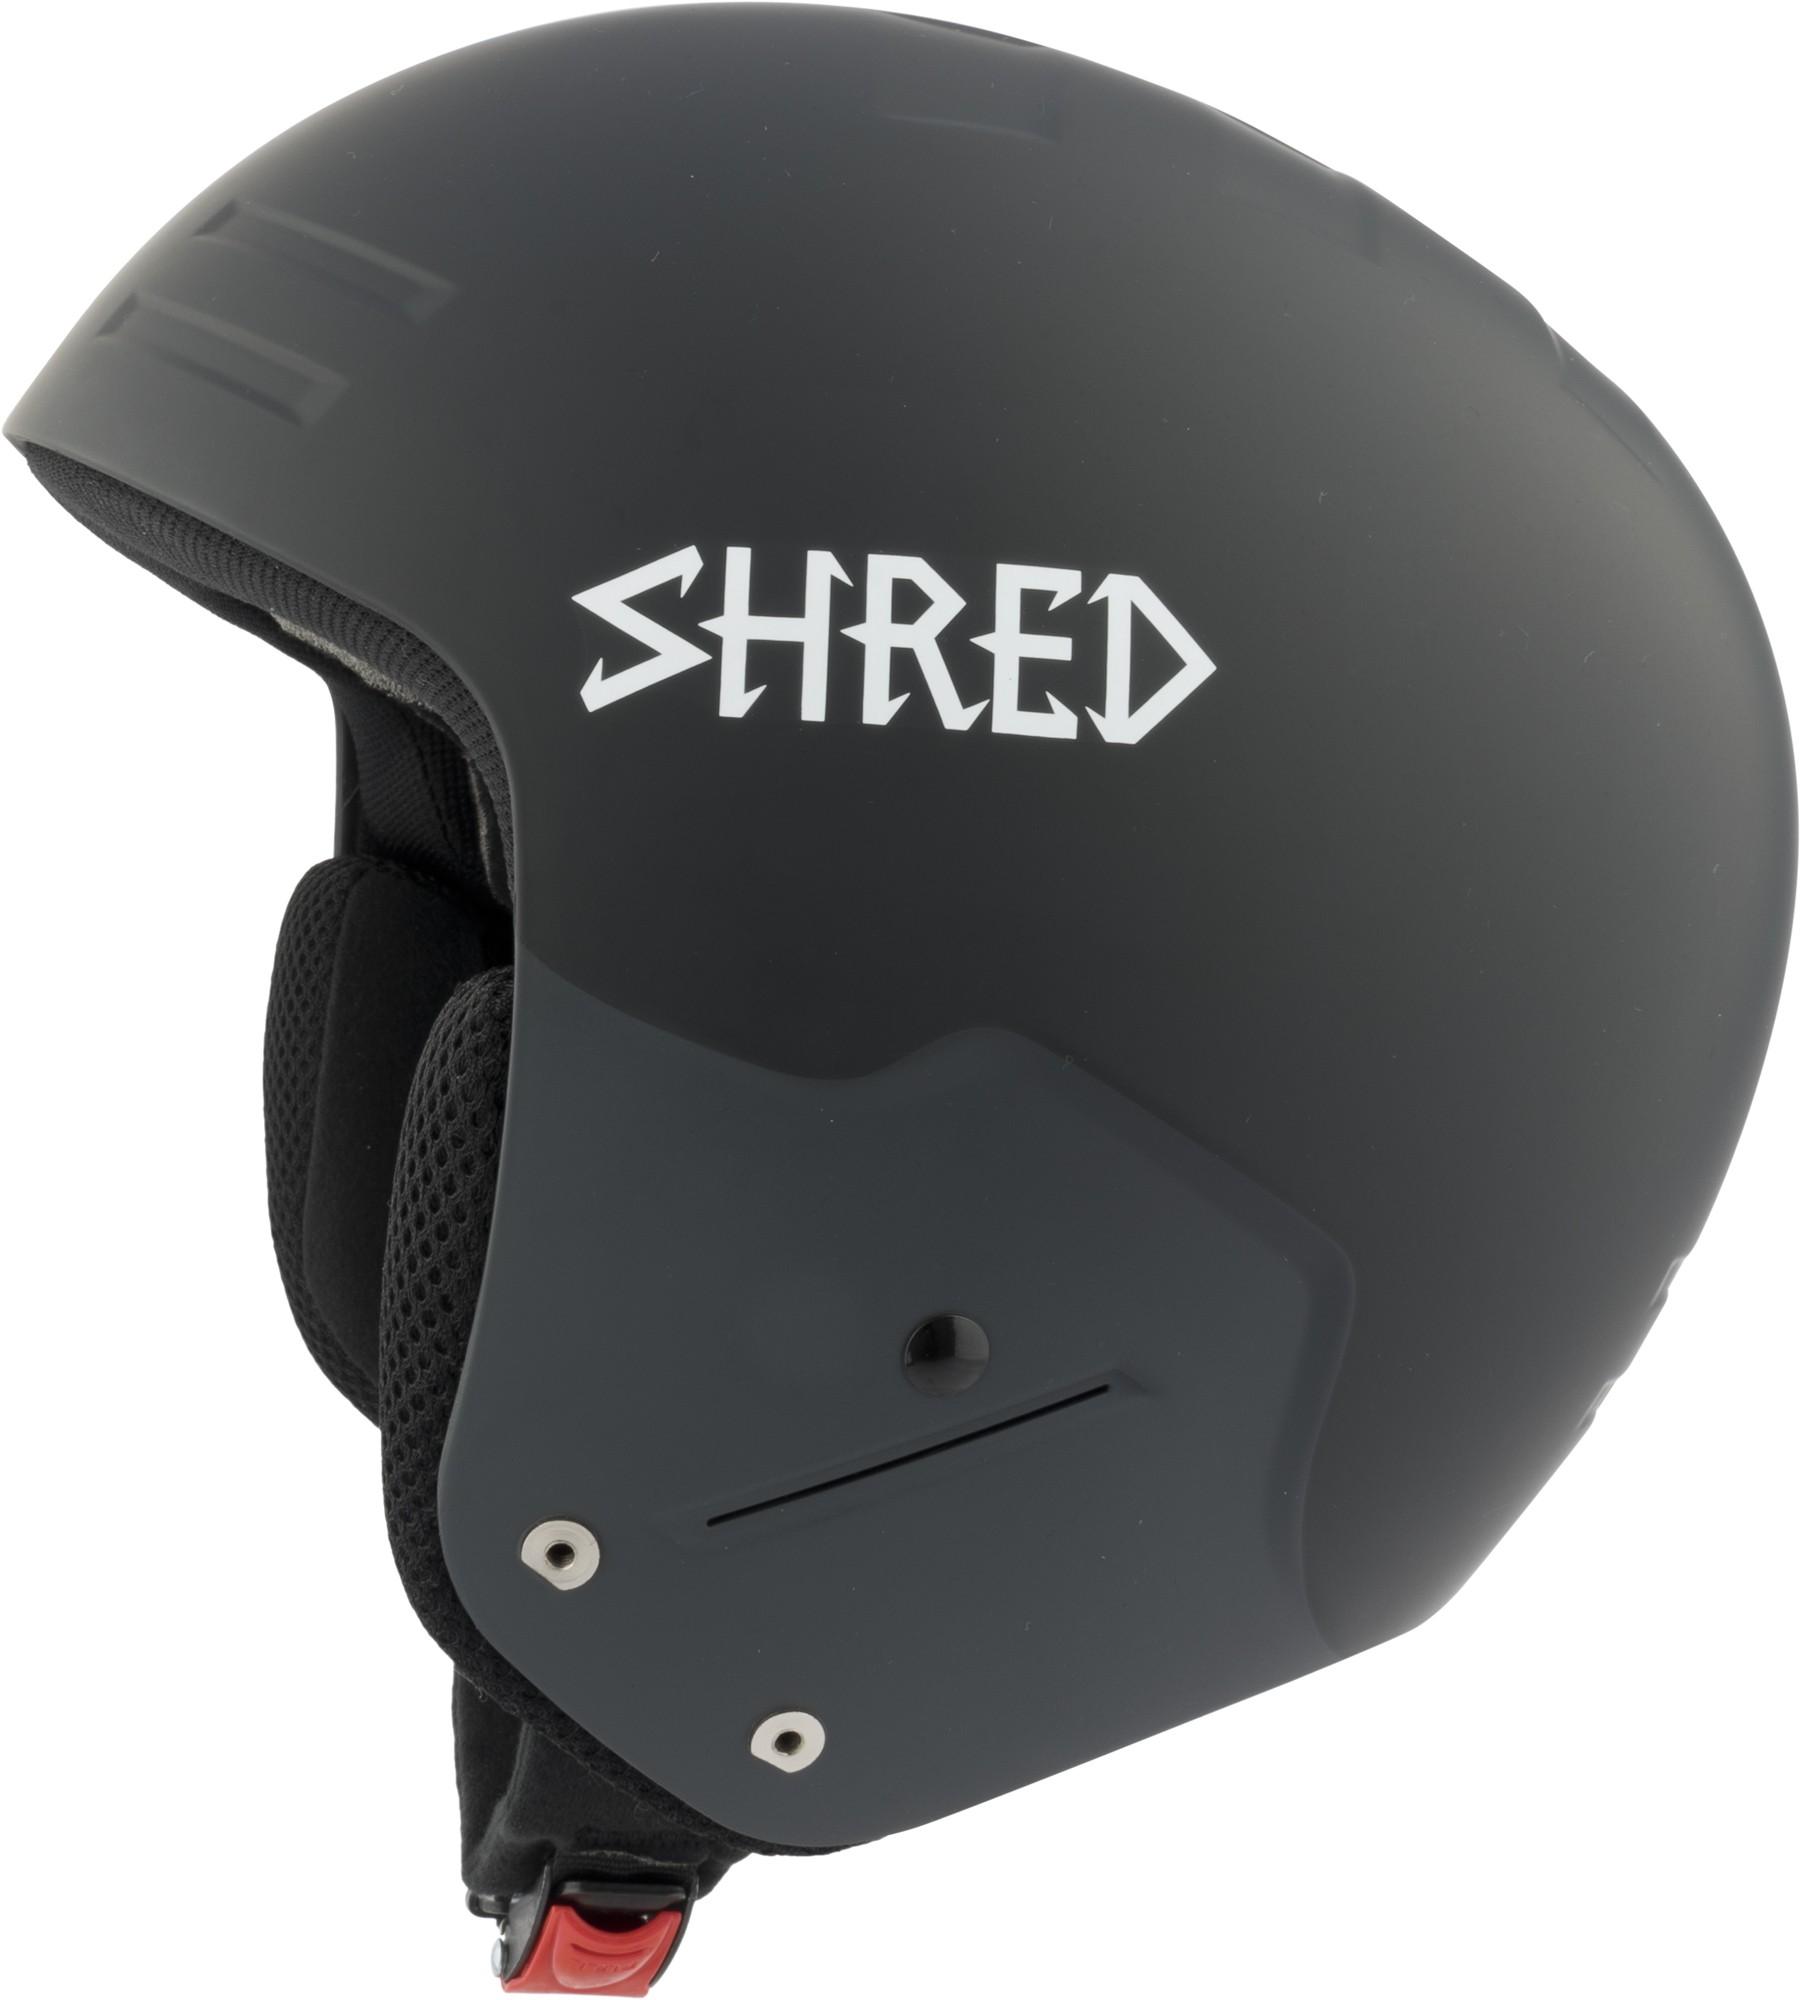 Shred FIS BASHER NoShock Blackout ski helmet, 2017